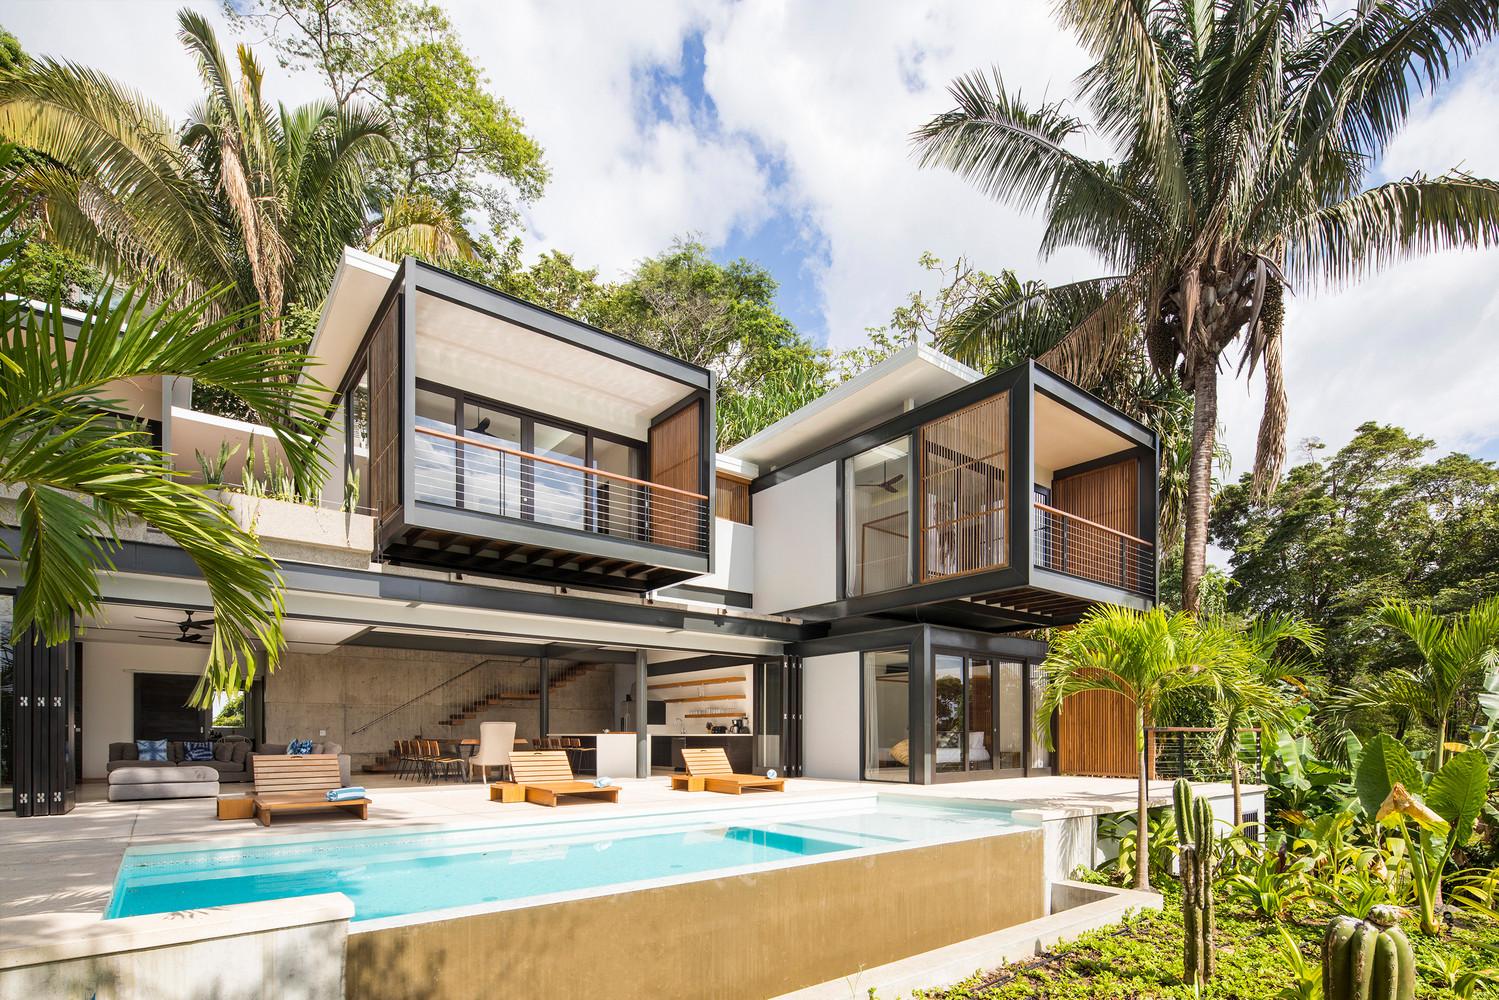 Trovare Lavoro In Costa Rica una villa tropicale da sogno in costa rica — idealista/news